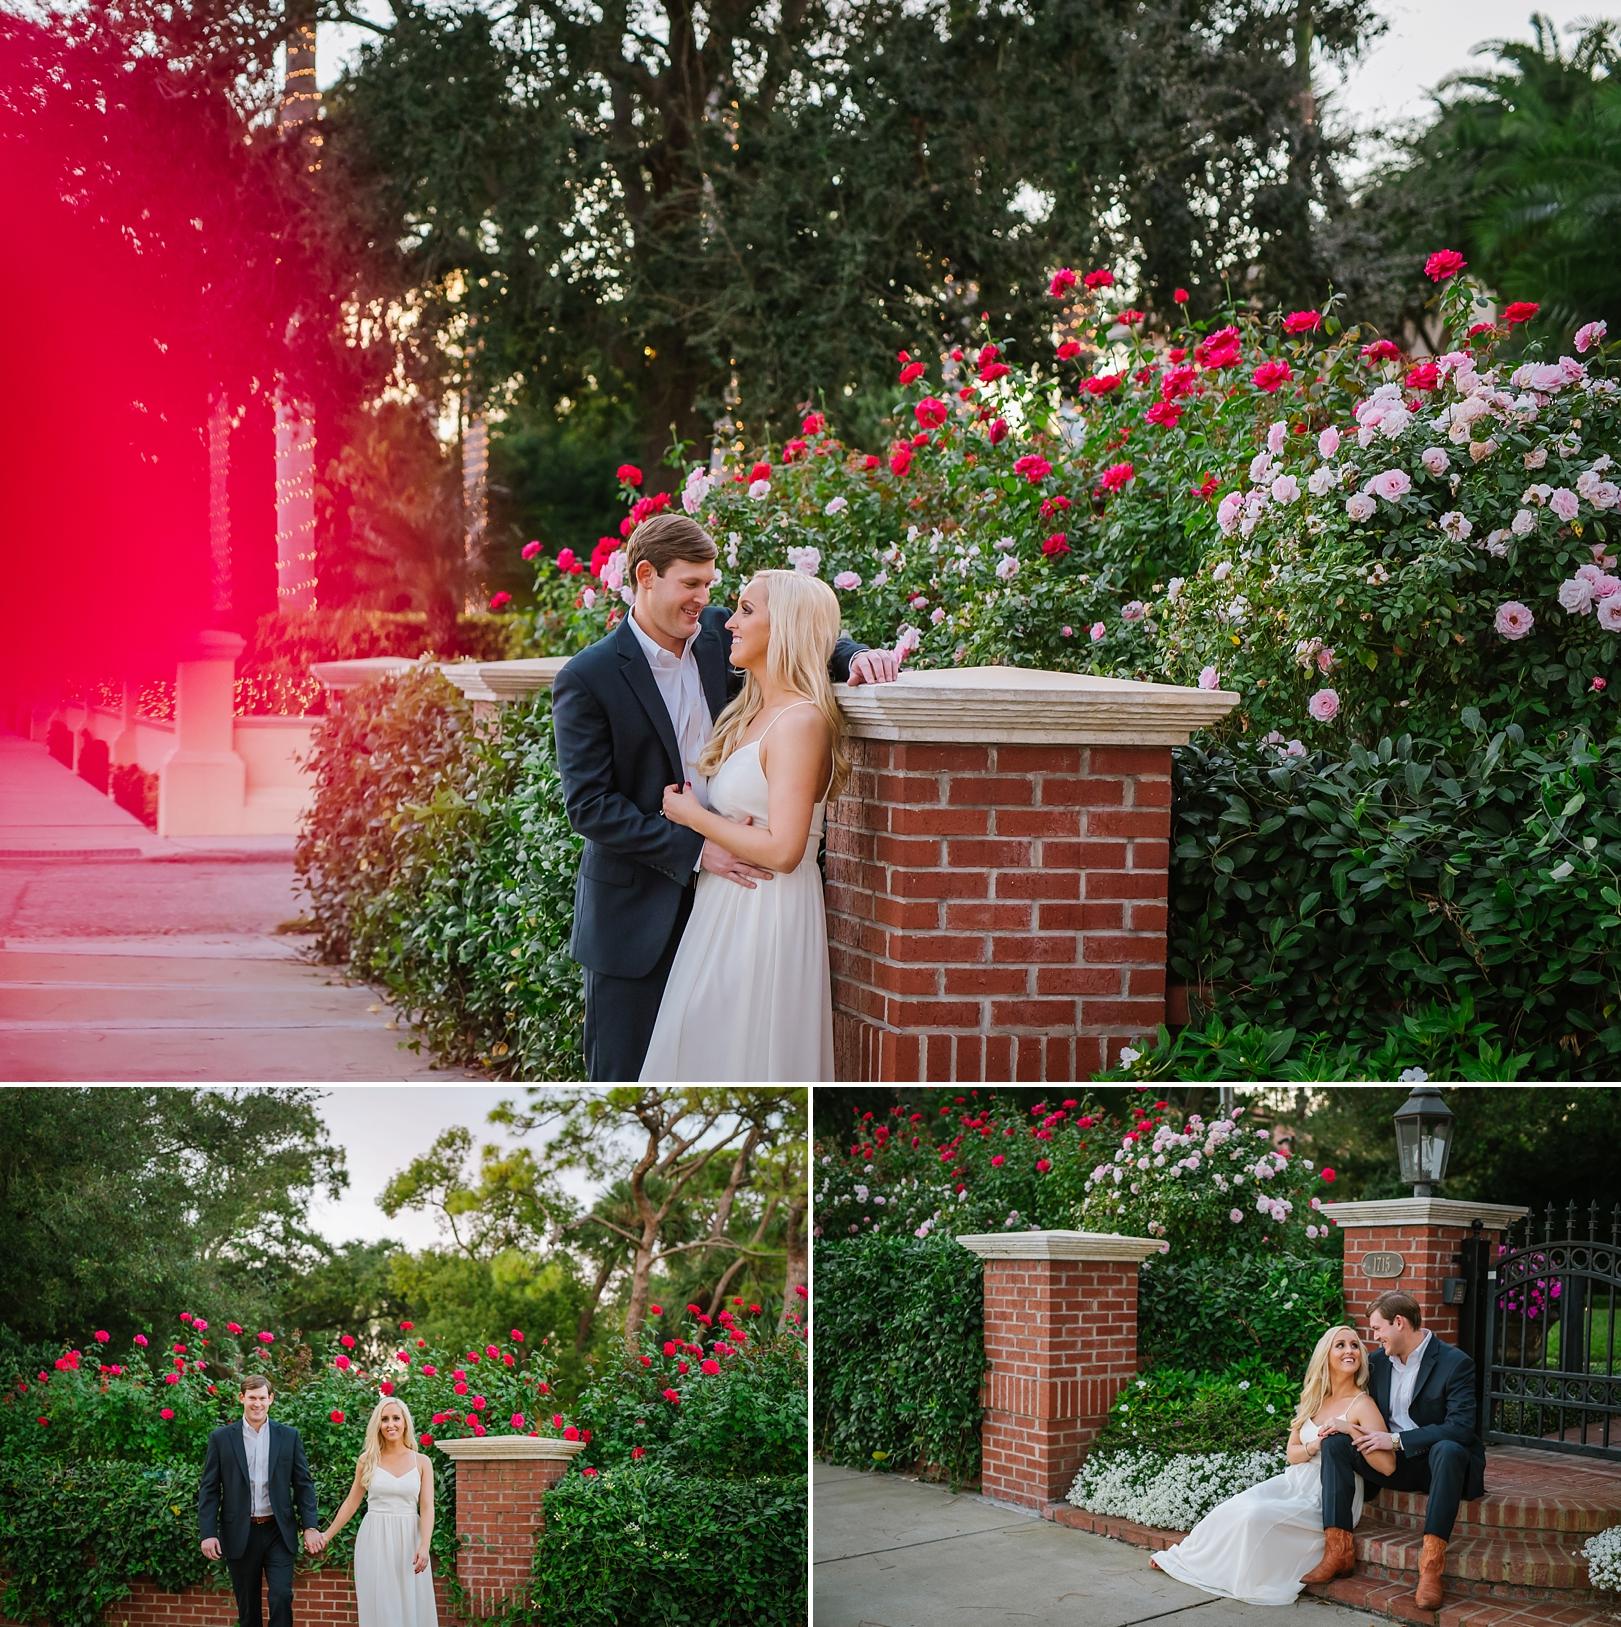 romantic-stylish-elegant-upscale-engagement-photography-ashlee-hamon-tampa_0010.jpg